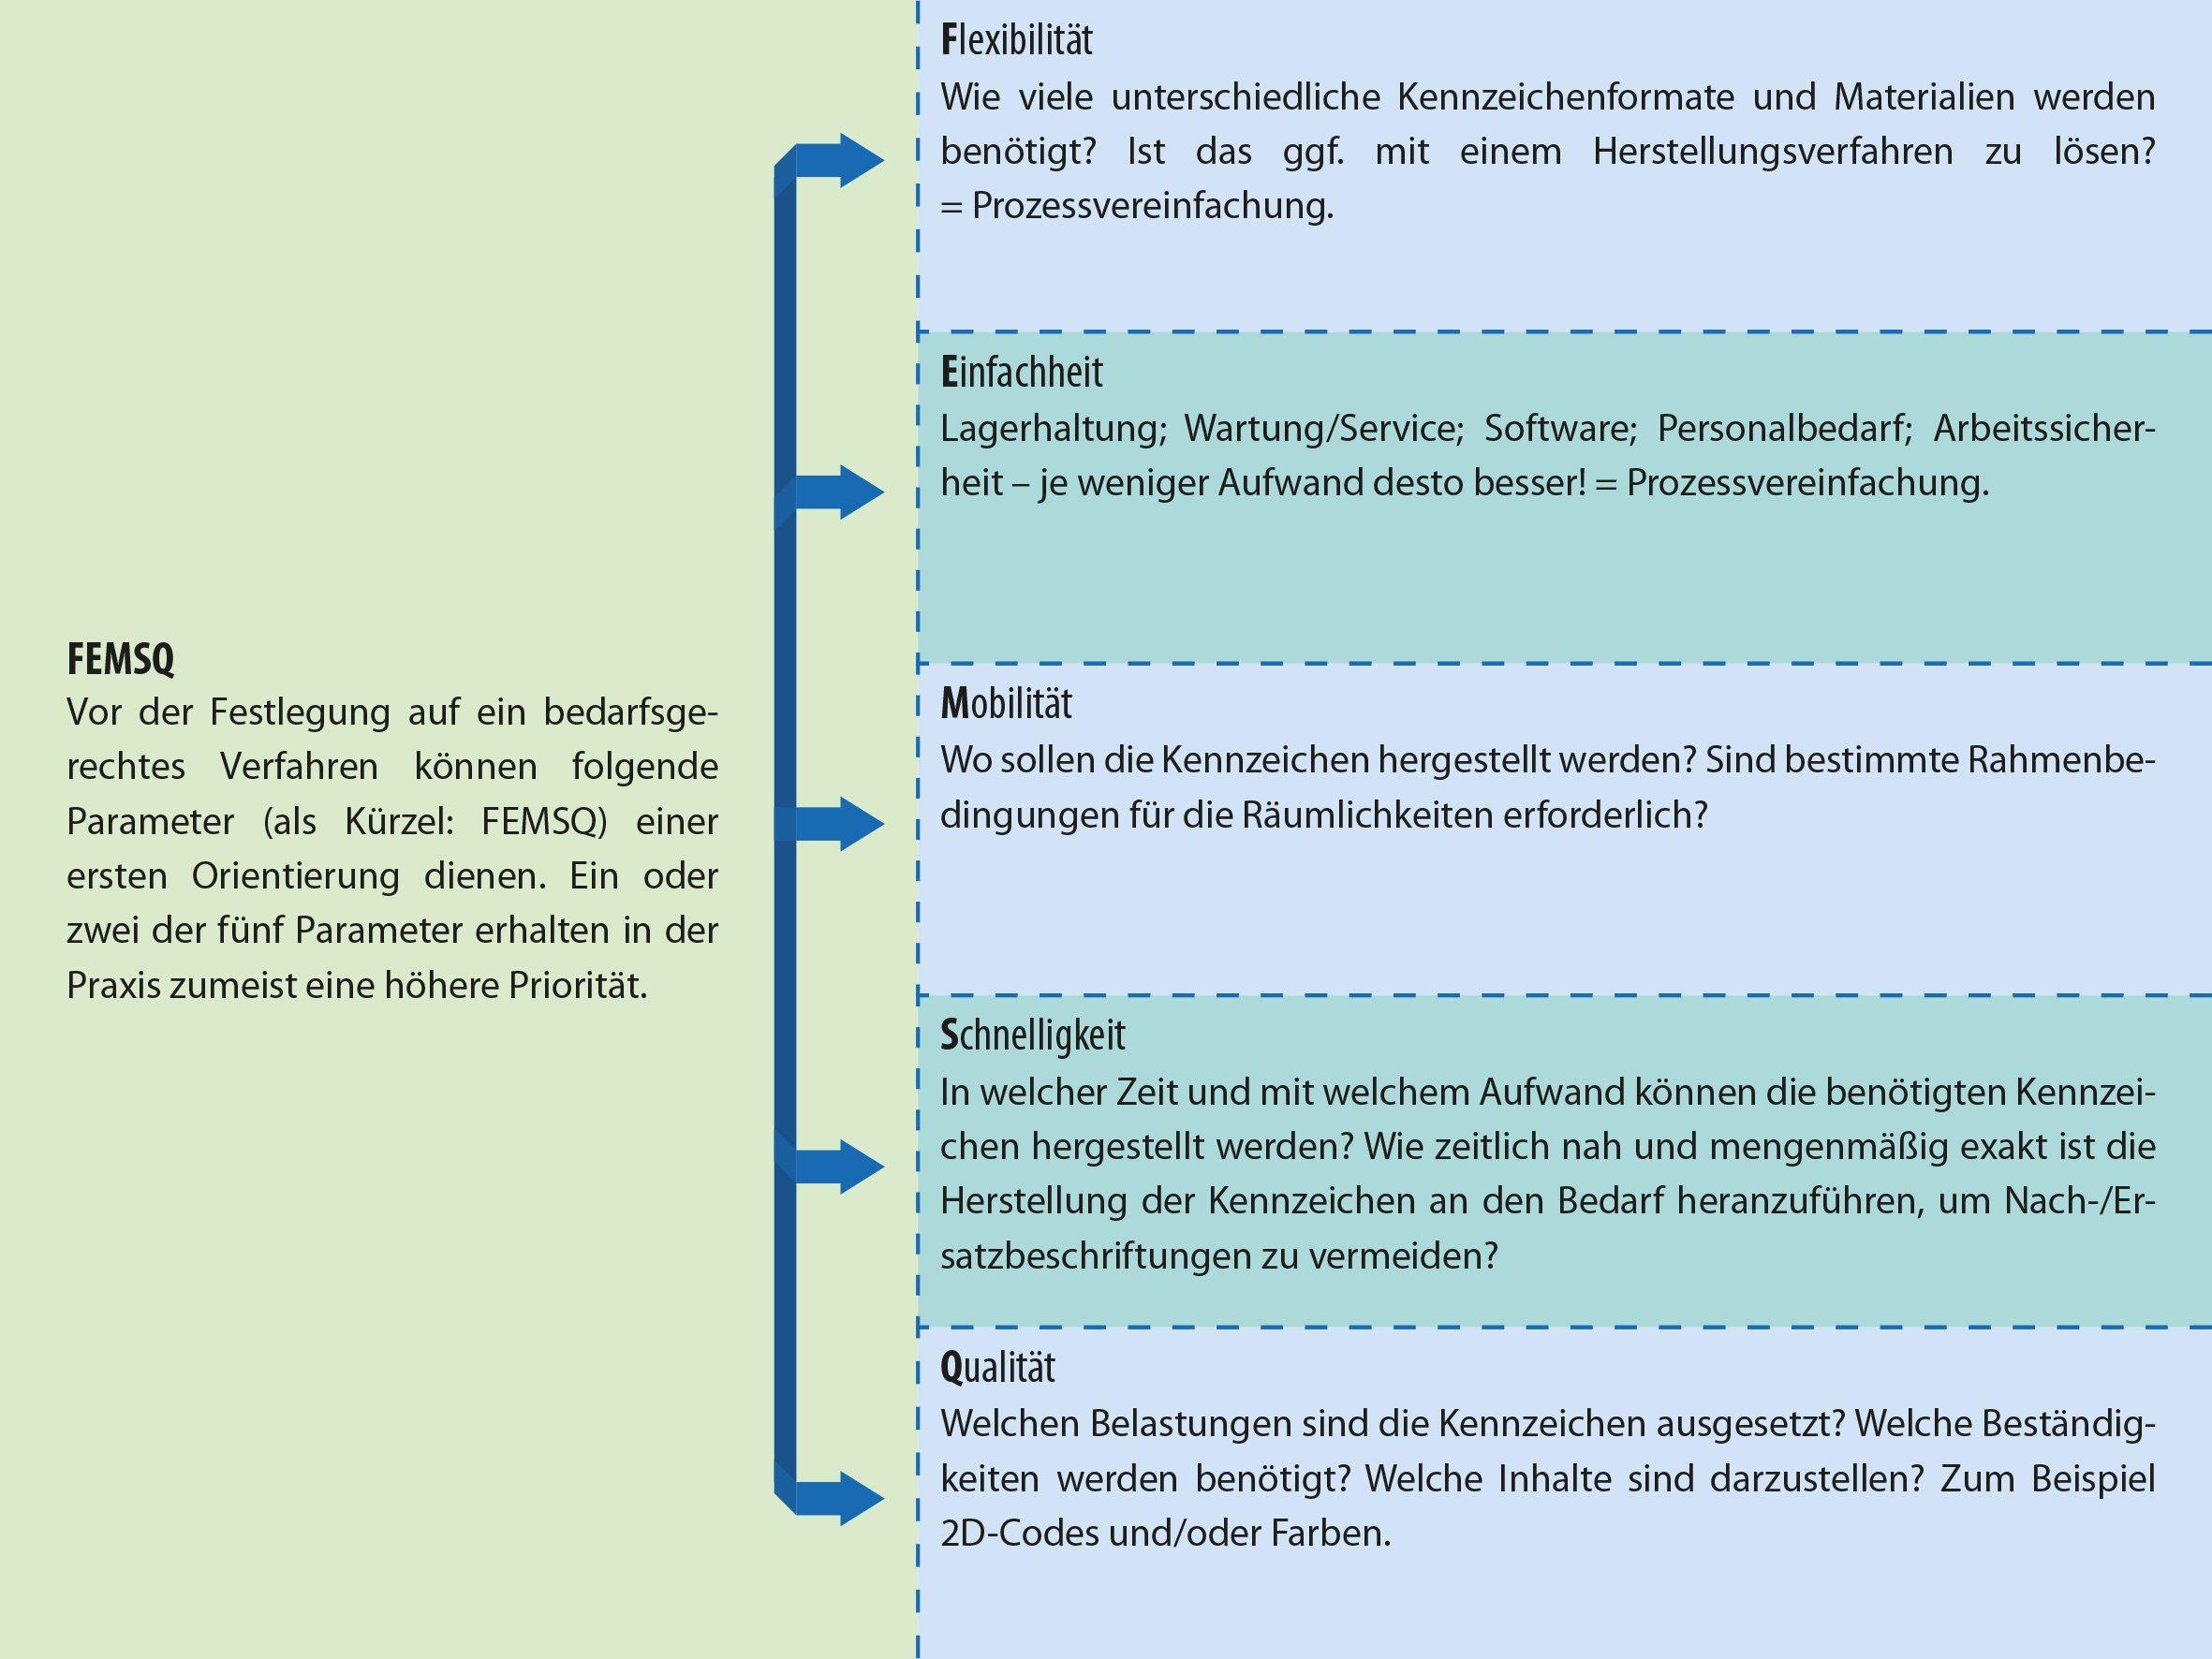 fachbuch-herstellungsverfahren-femsq